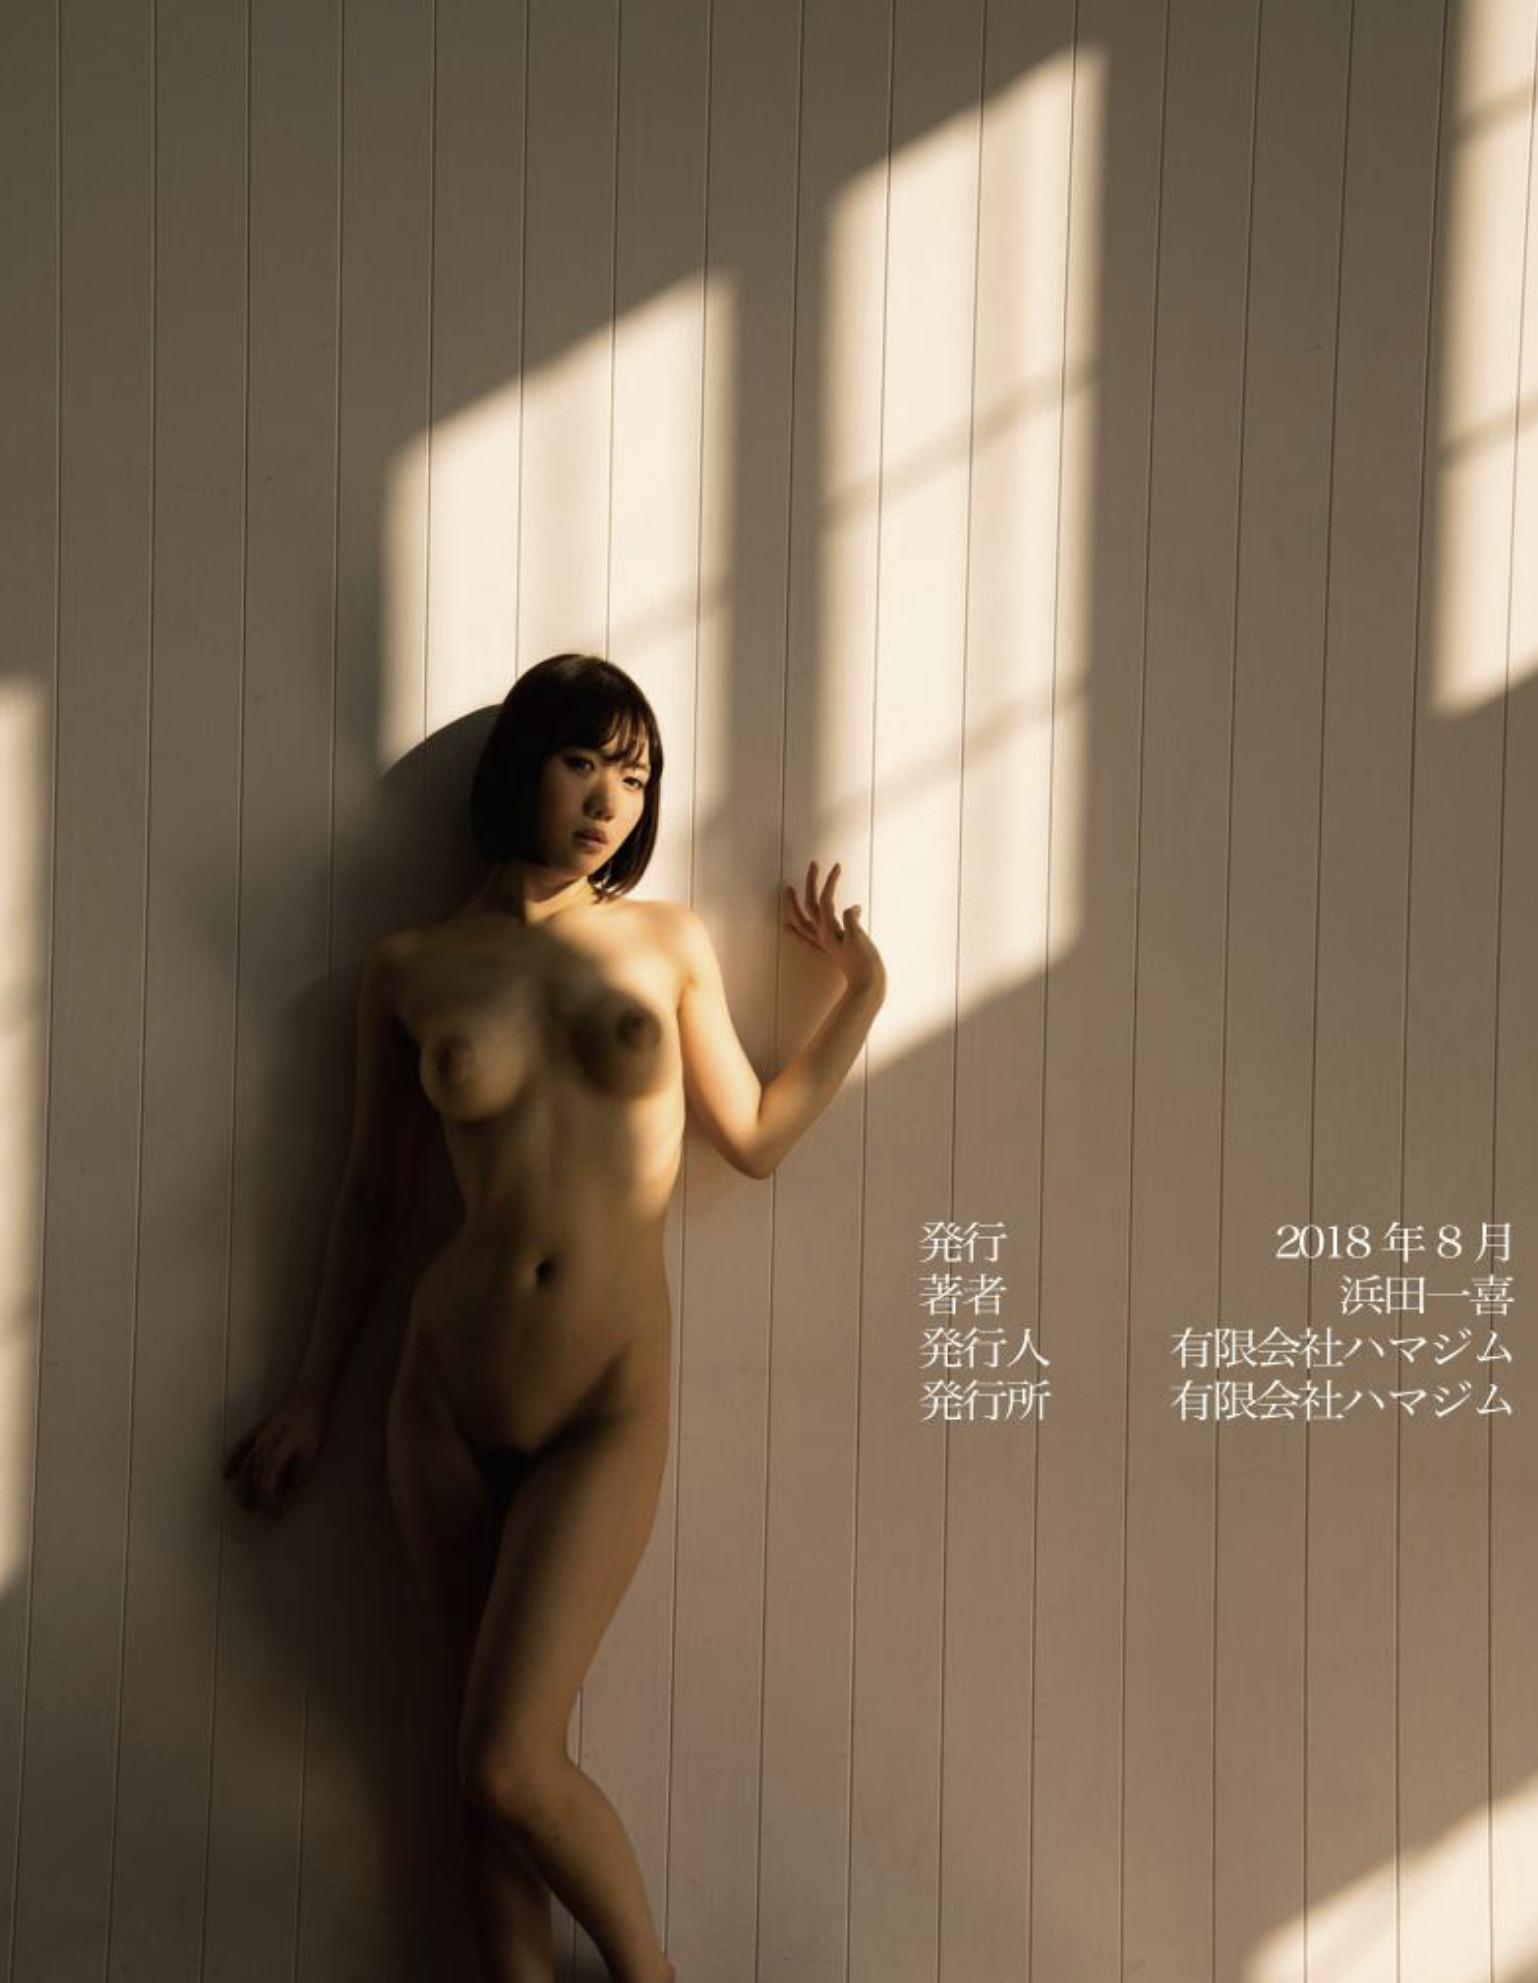 菊川みつ葉 写真集 Hetairai 141